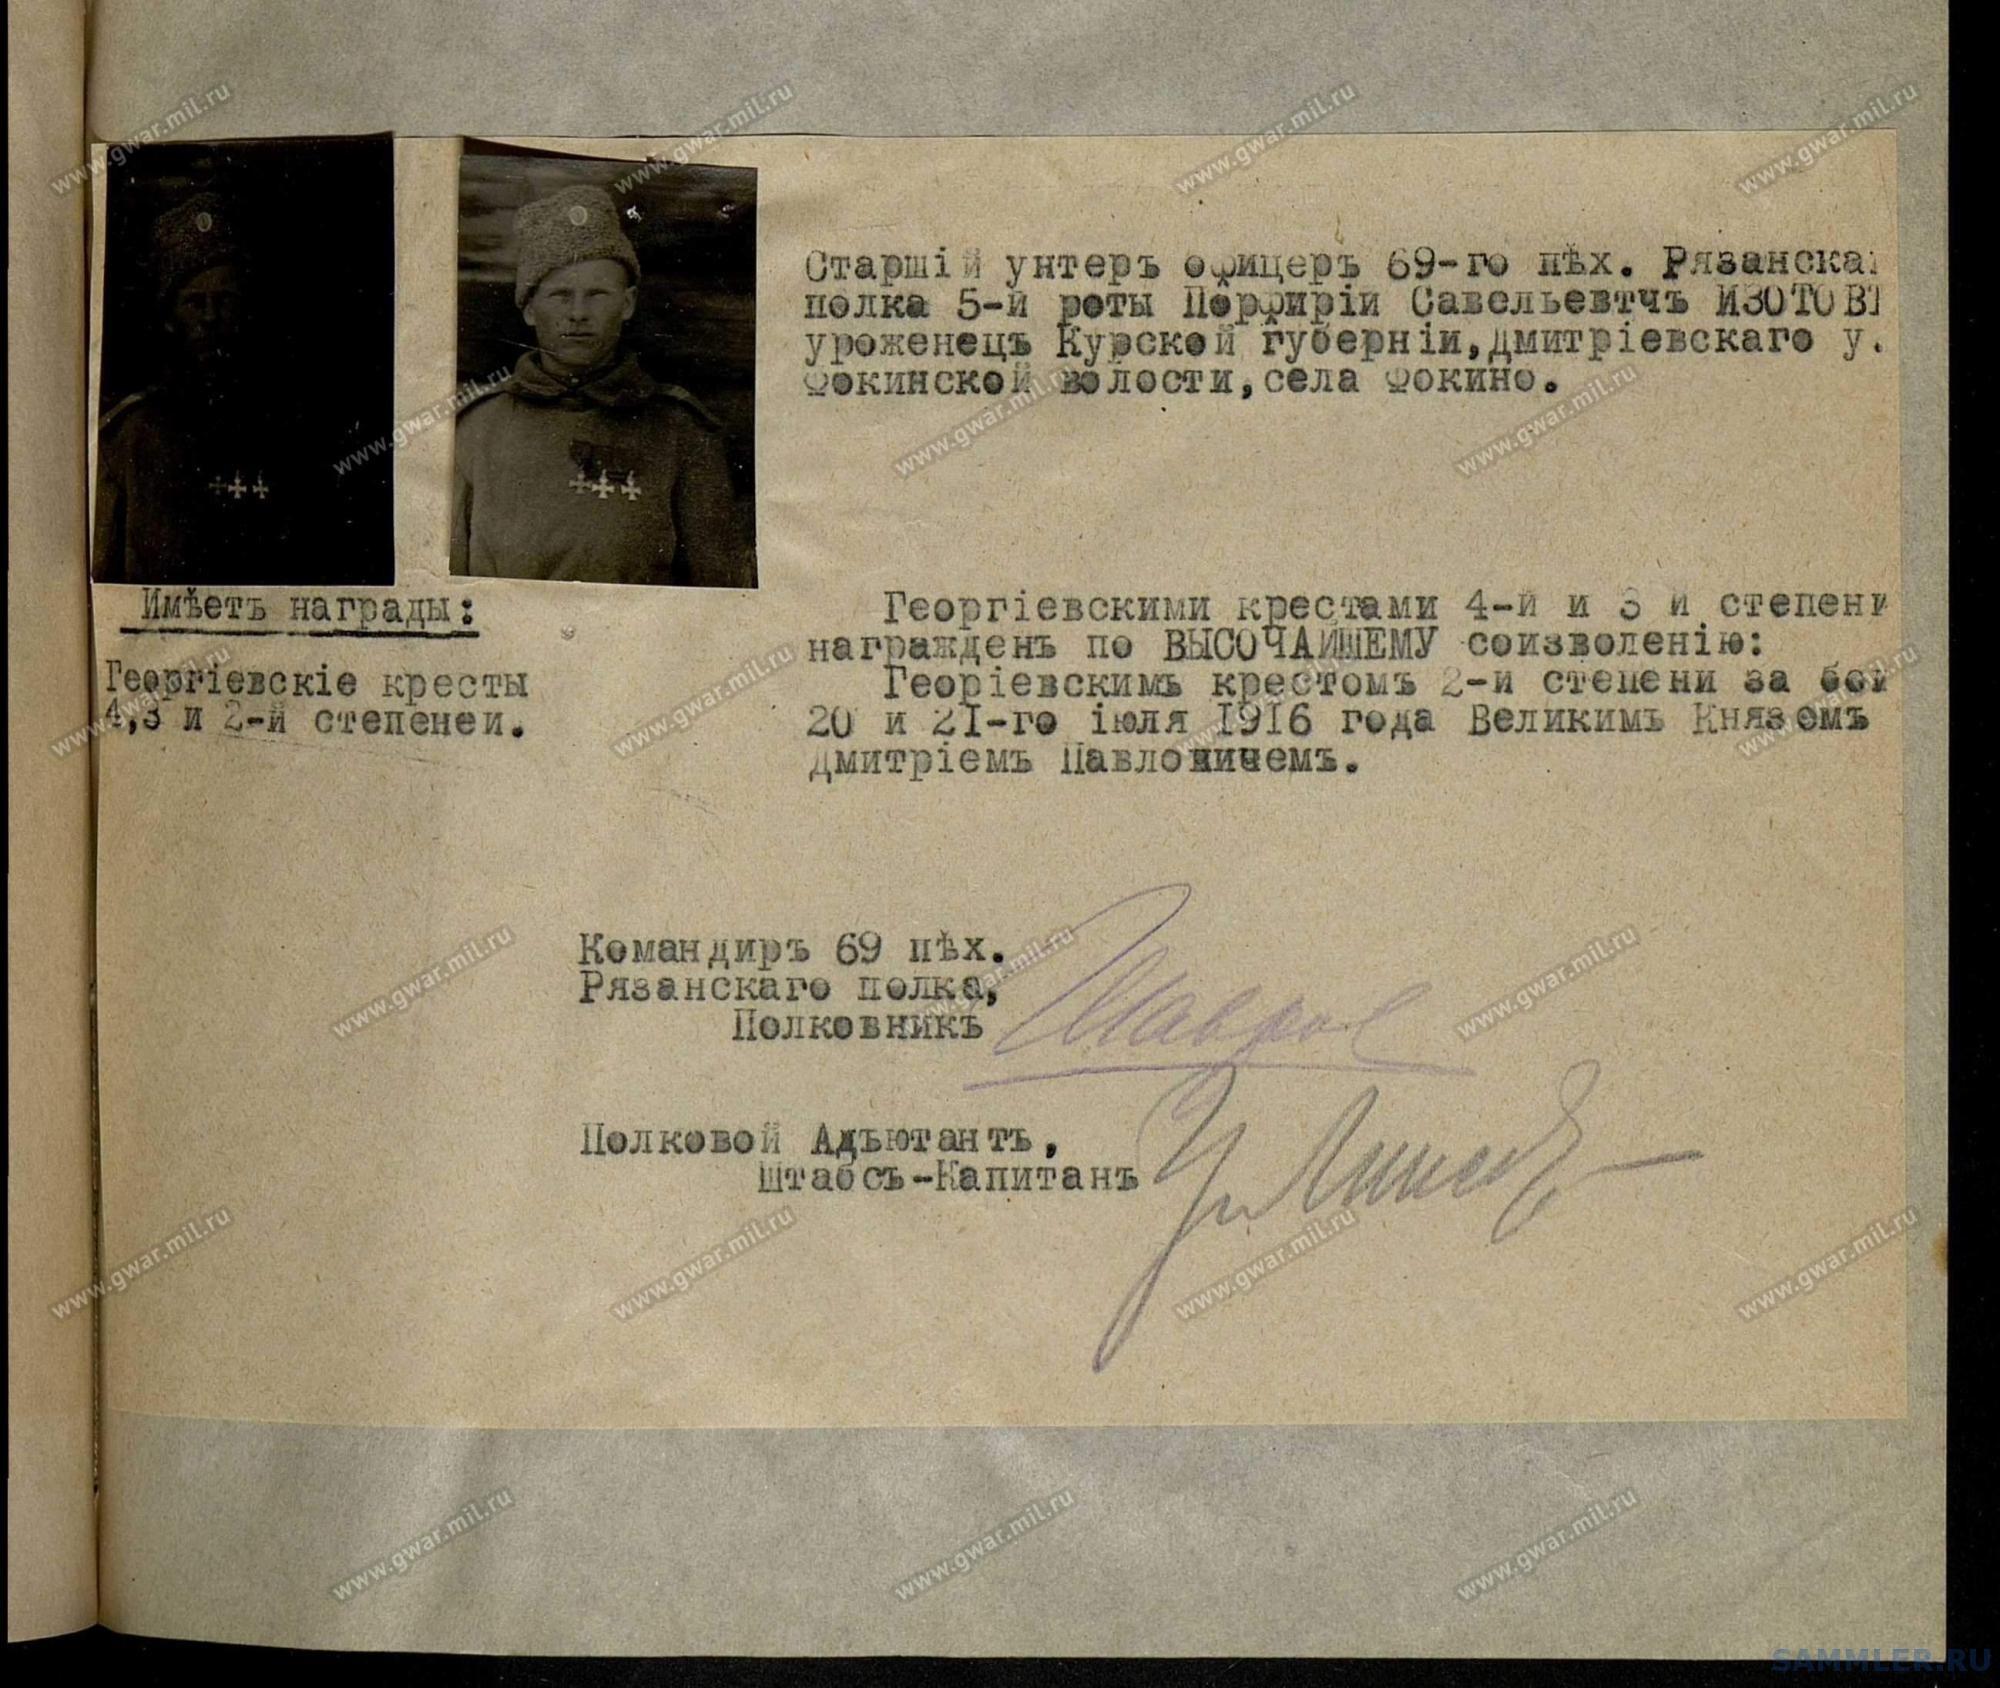 ! 69-й пех. Рязанский полк - 296_002.jpg